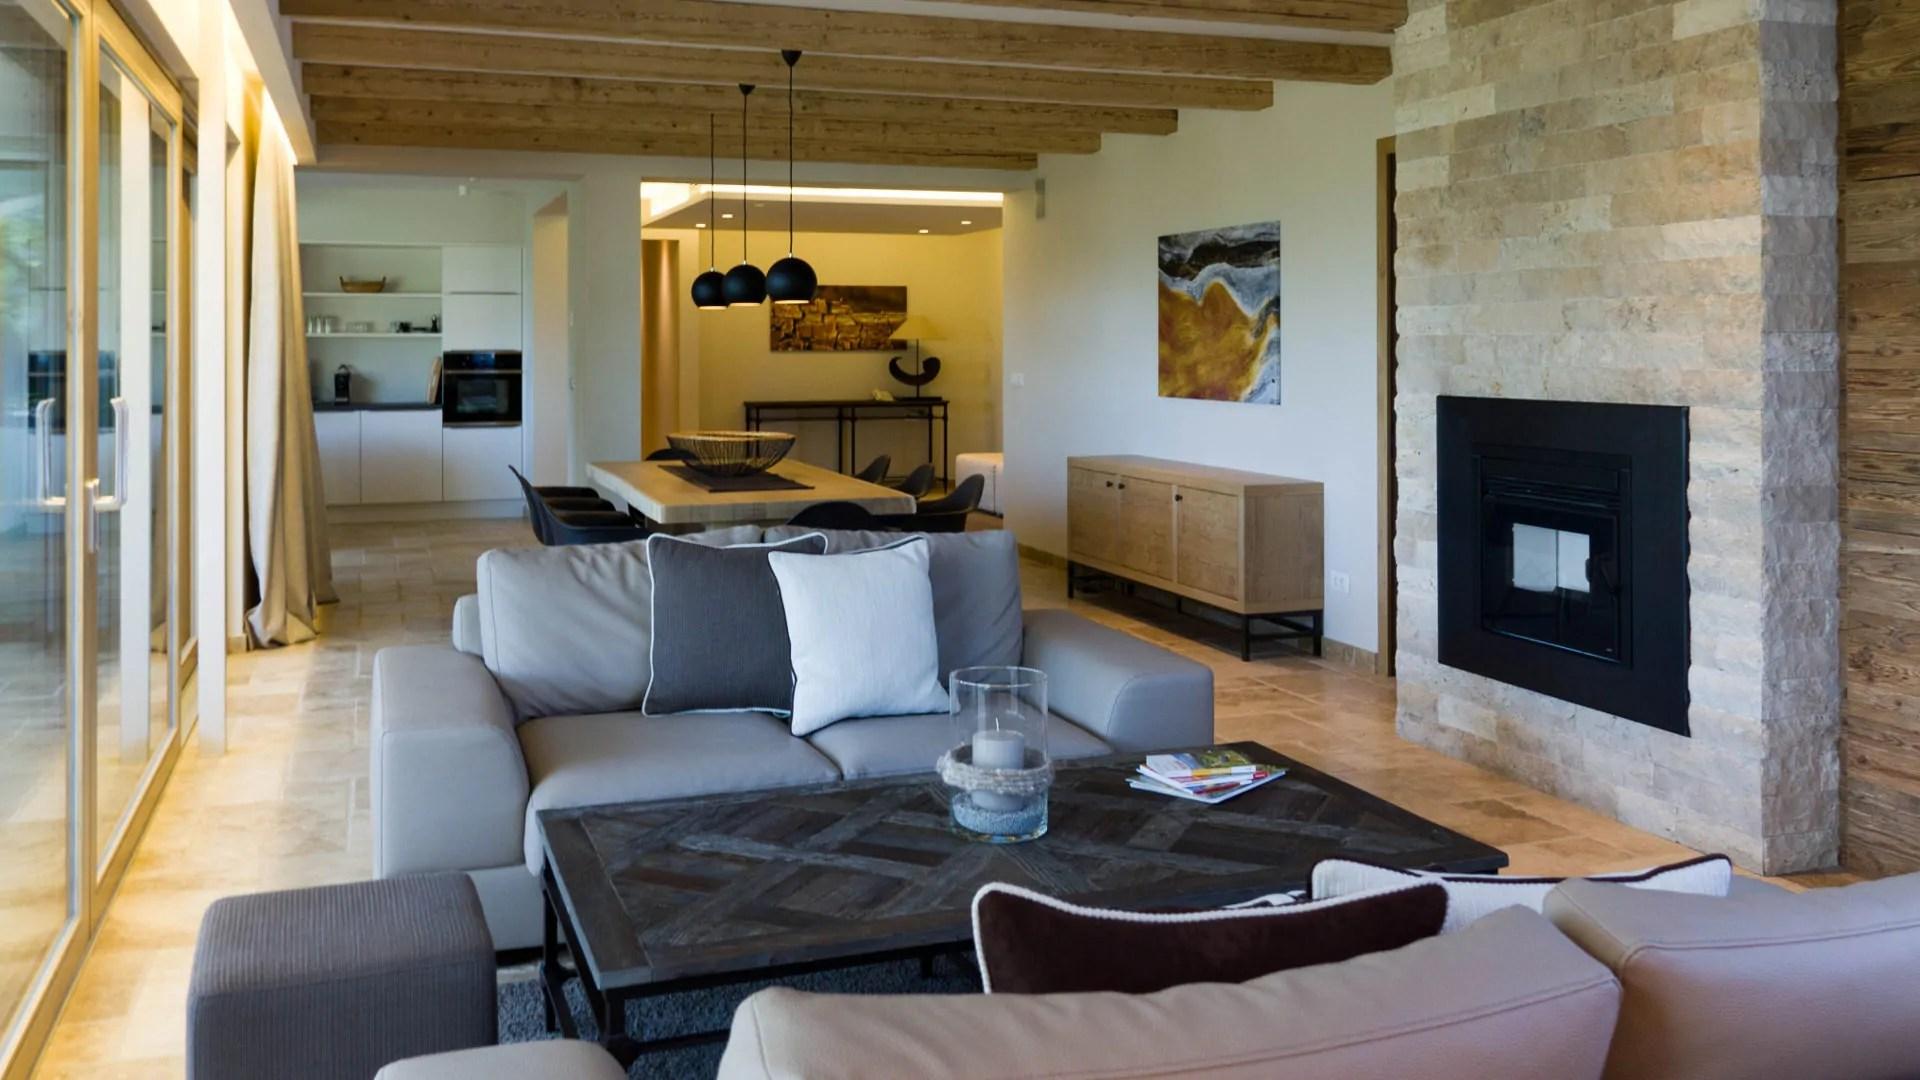 Idee Per Pavimenti Interni : Idee soggiorno pietra rivestimento parete soggiorno gallery of